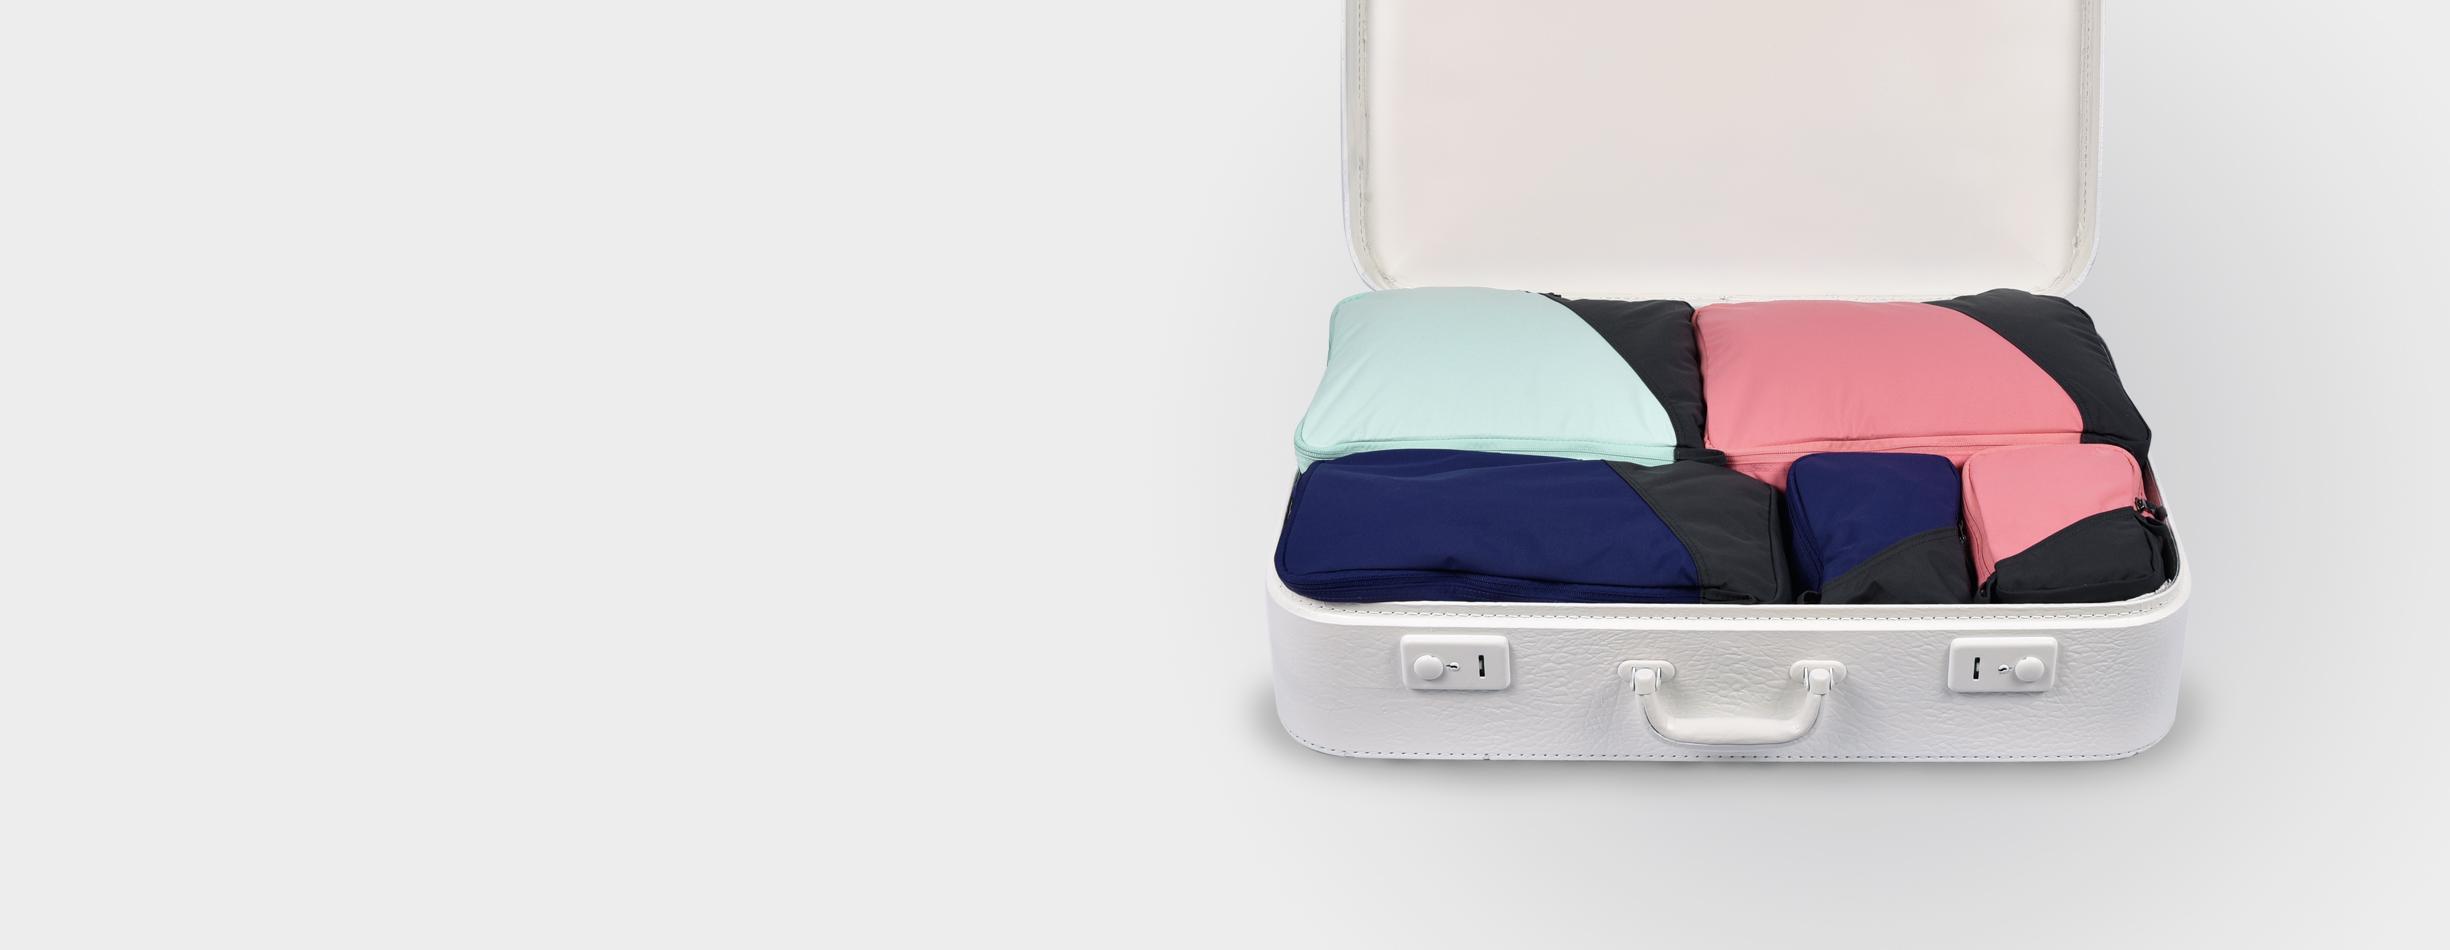 10 tips för att packa smartare